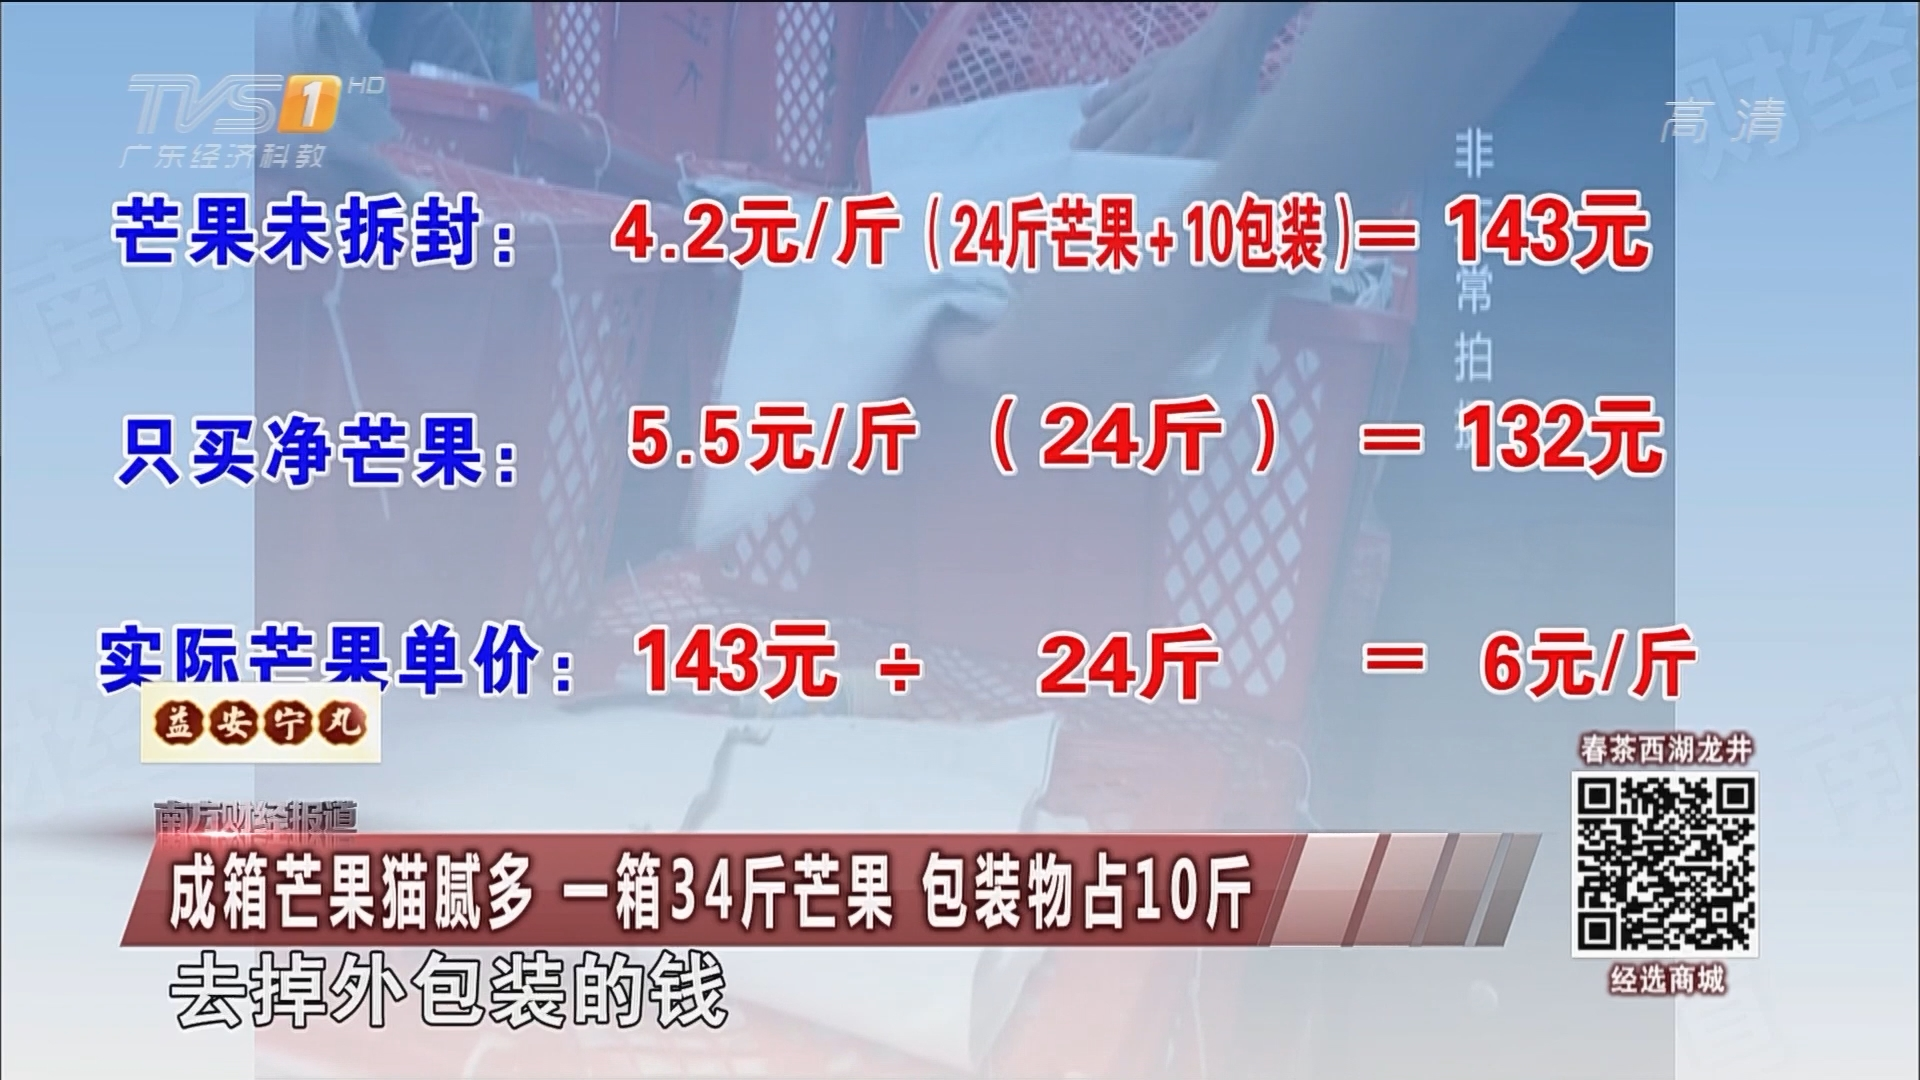 成箱芒果猫腻多 一箱34斤芒果 包装物占10斤